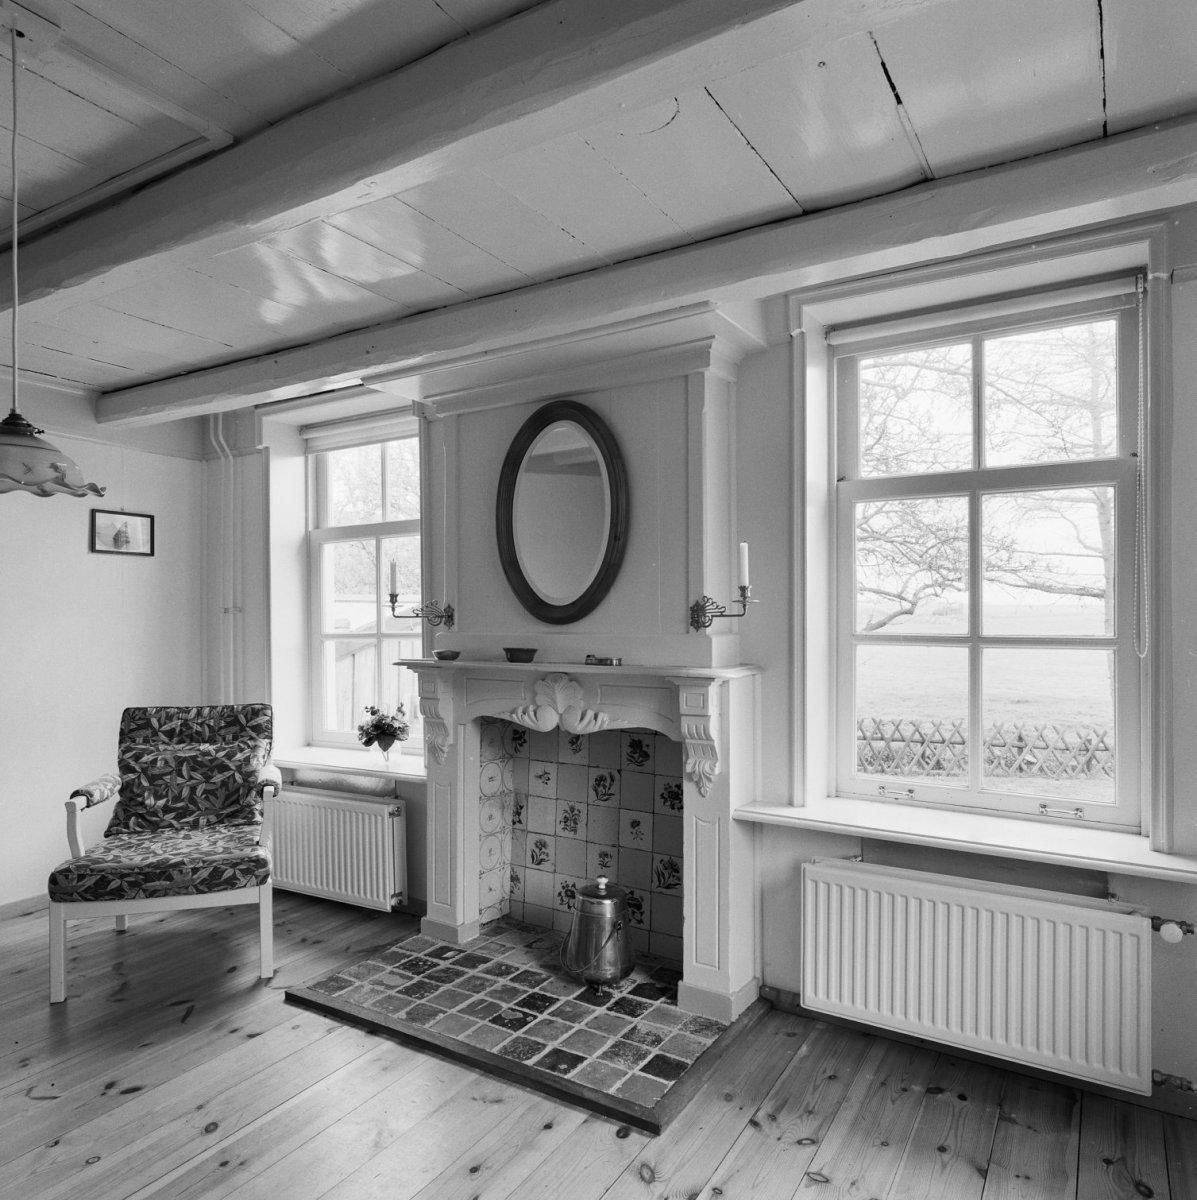 File interieur voorkamer houten schouw met tegels molkwerum 20326138 wikimedia - Mat tegels ...